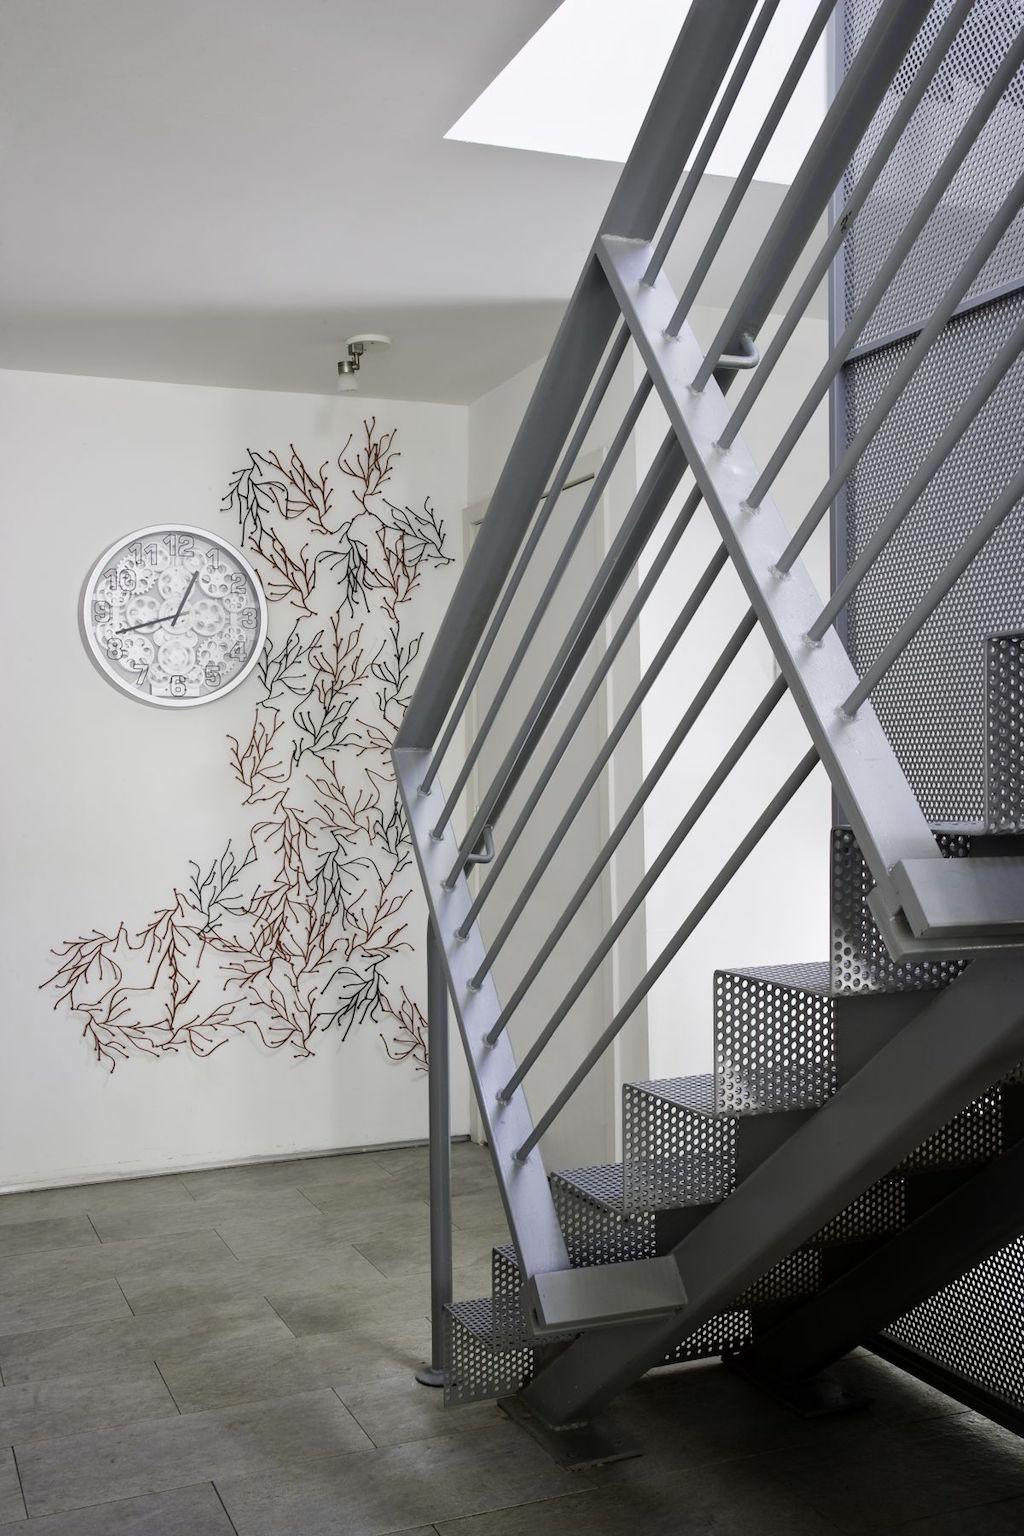 casa-grove-mateu-architecture-6